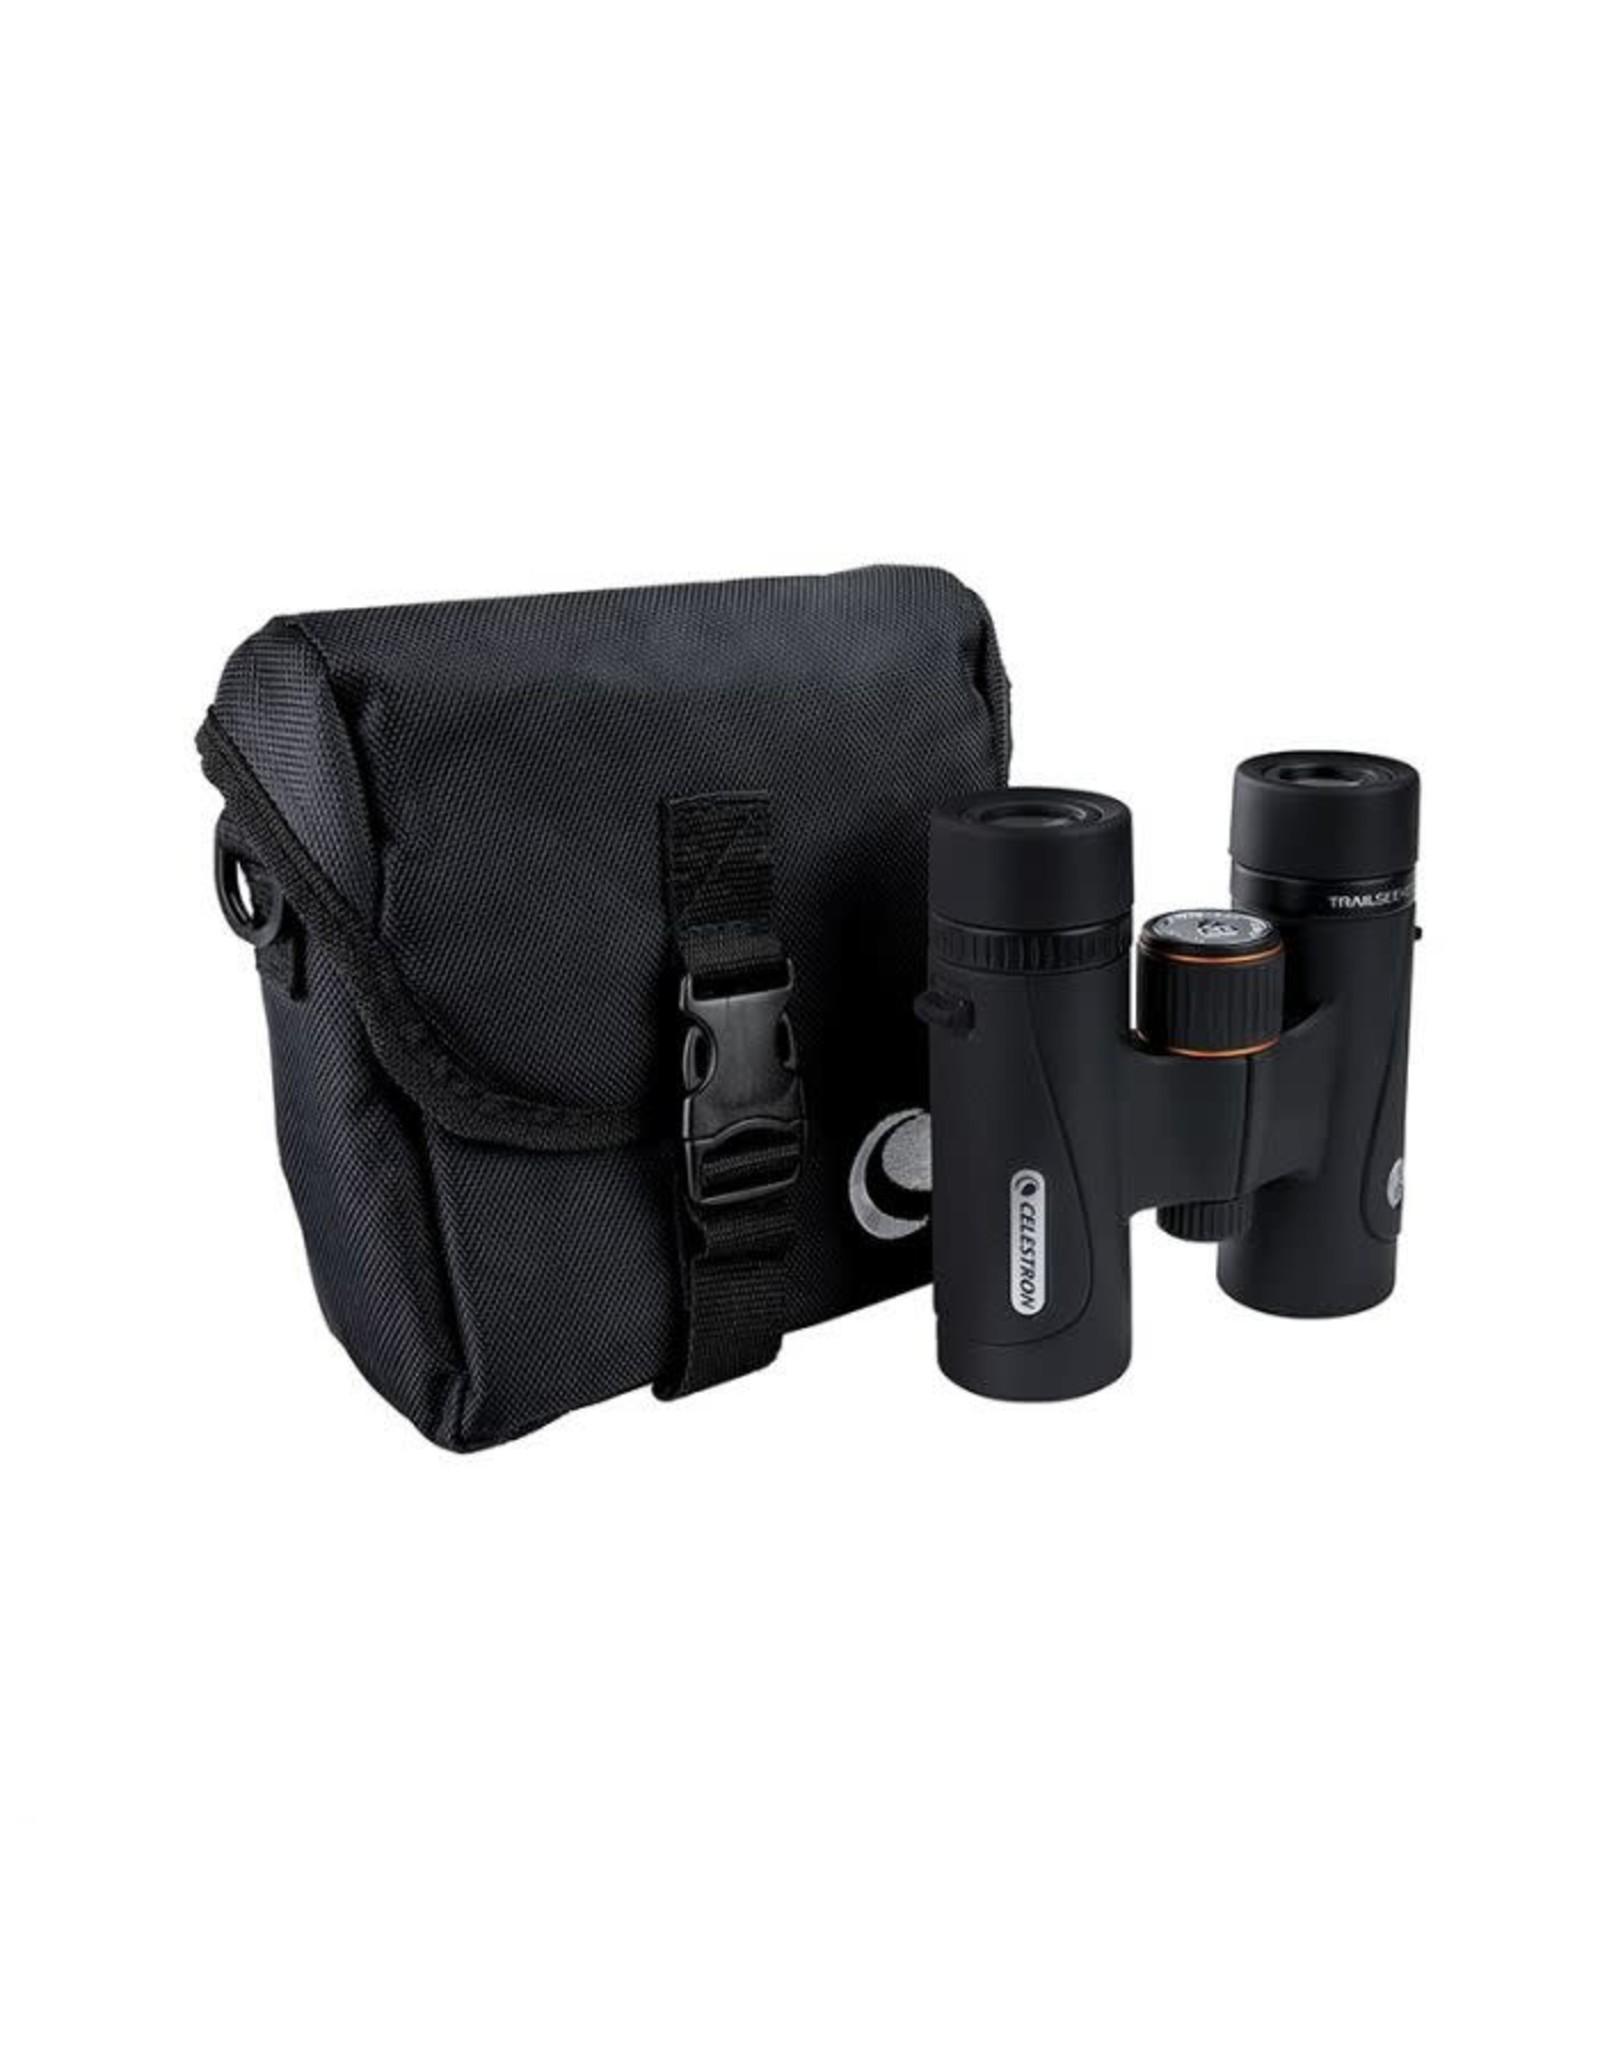 Celestron Celestron 8x32 TrailSeeker ED Binoculars - 71401